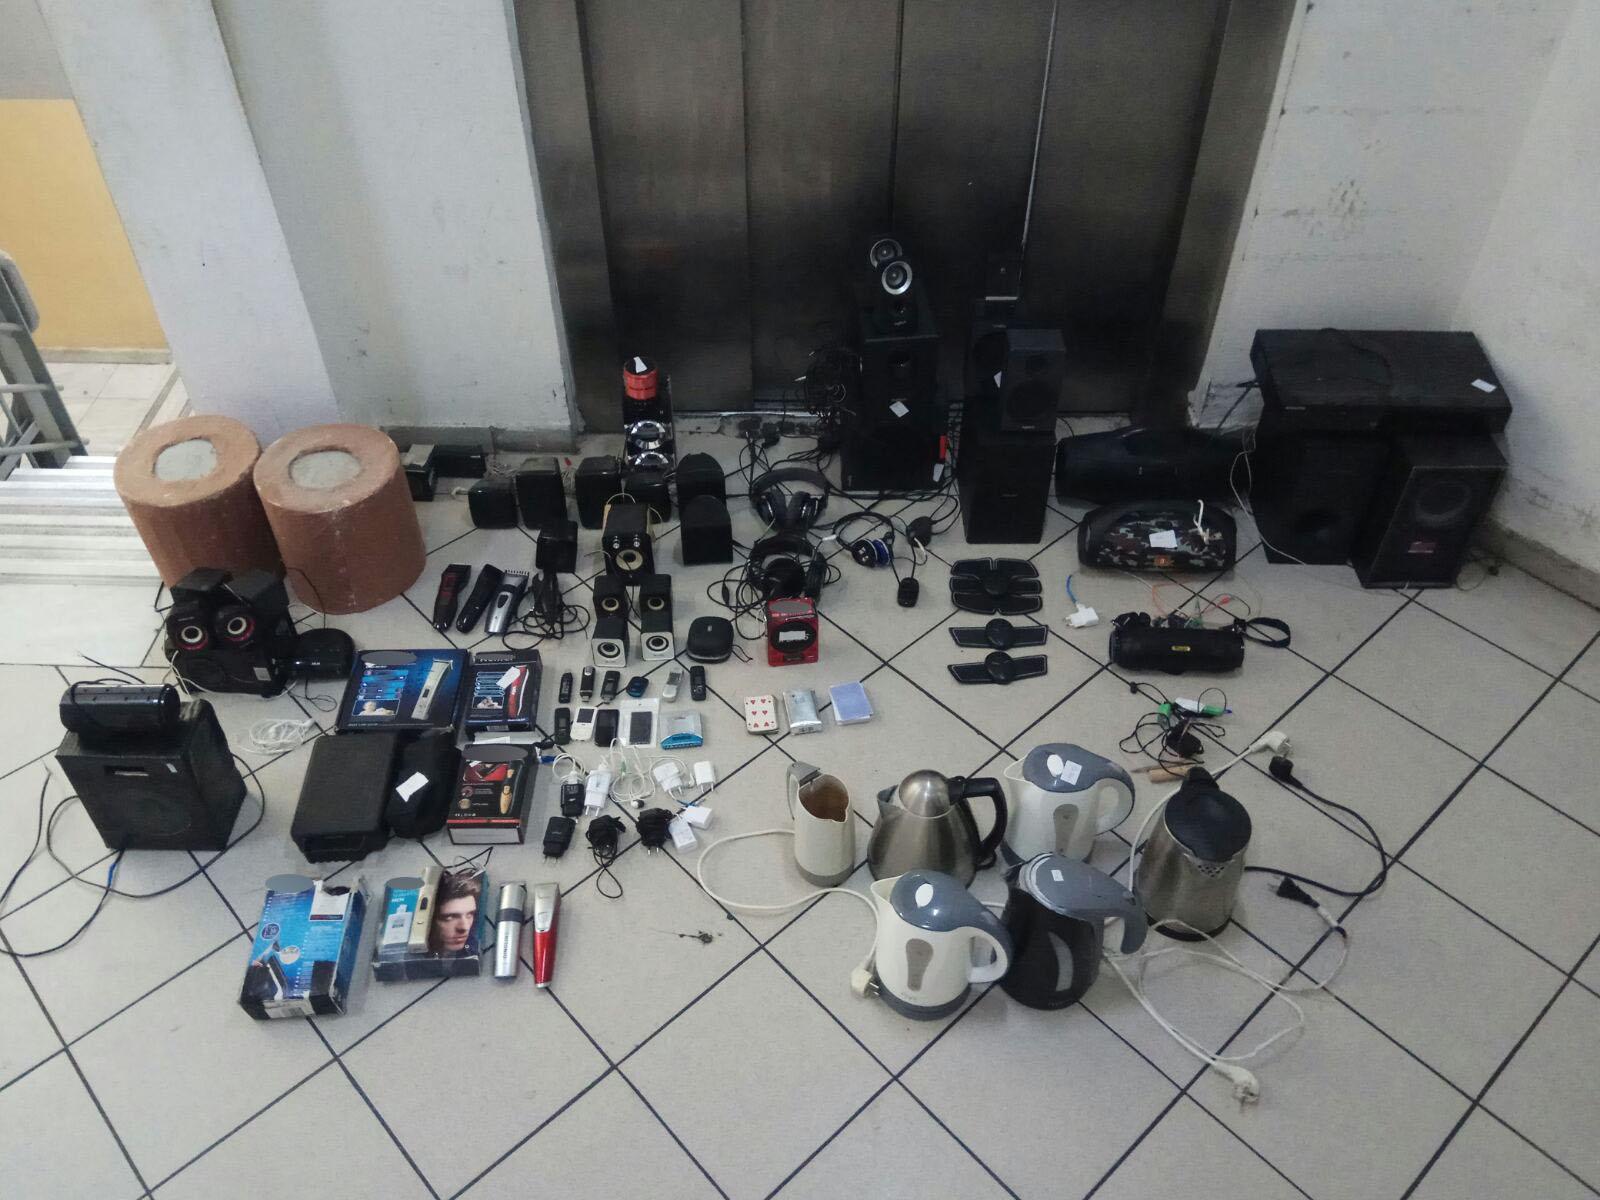 Φυλακές Δομοκού: Ηρωίνη, μαχαίρια και κινητά τηλέφωνα σε κελιά (pics) 1